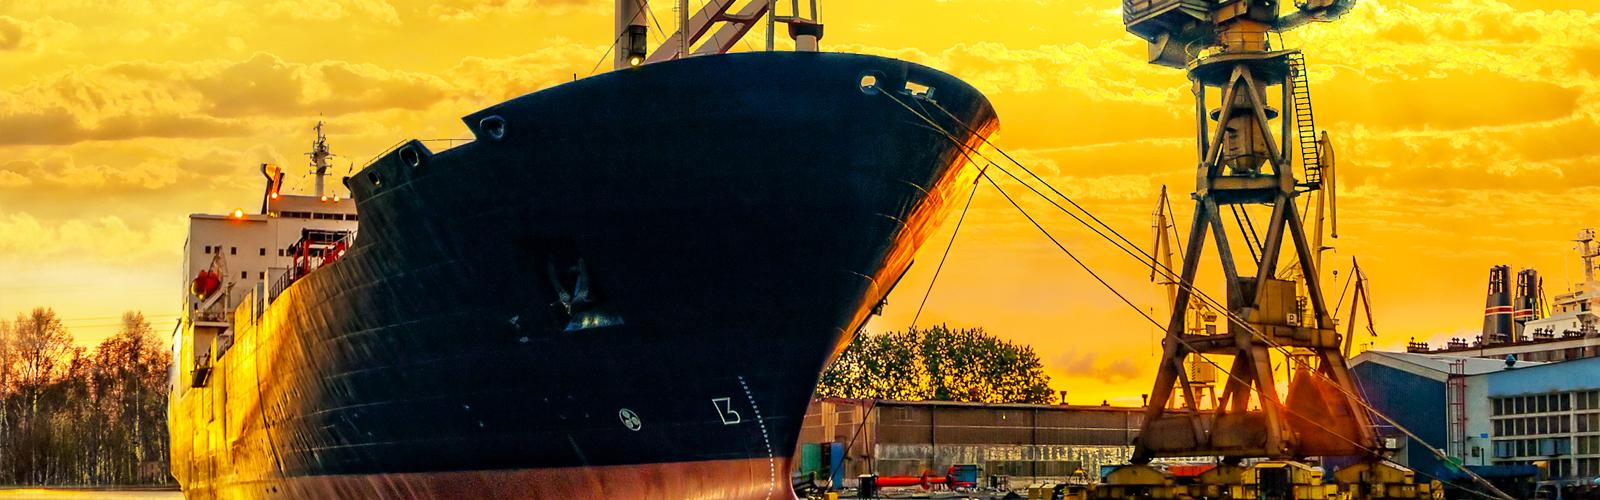 MACN-shipping-maritime